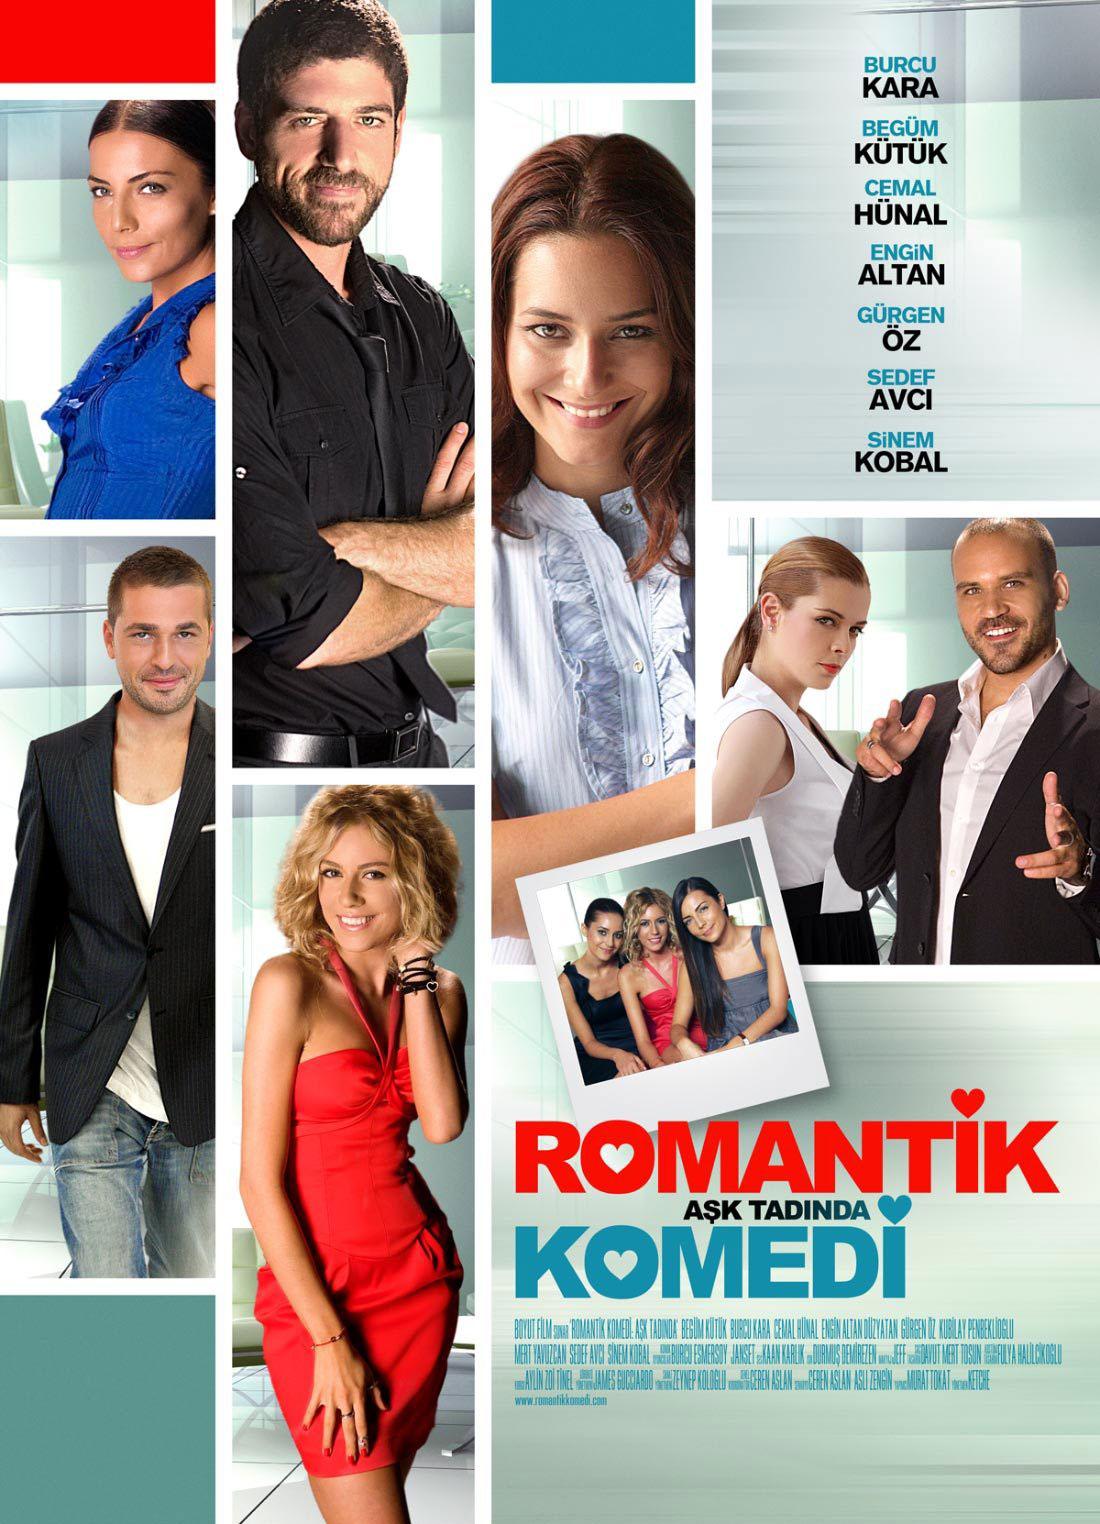 romantik-komedi-01